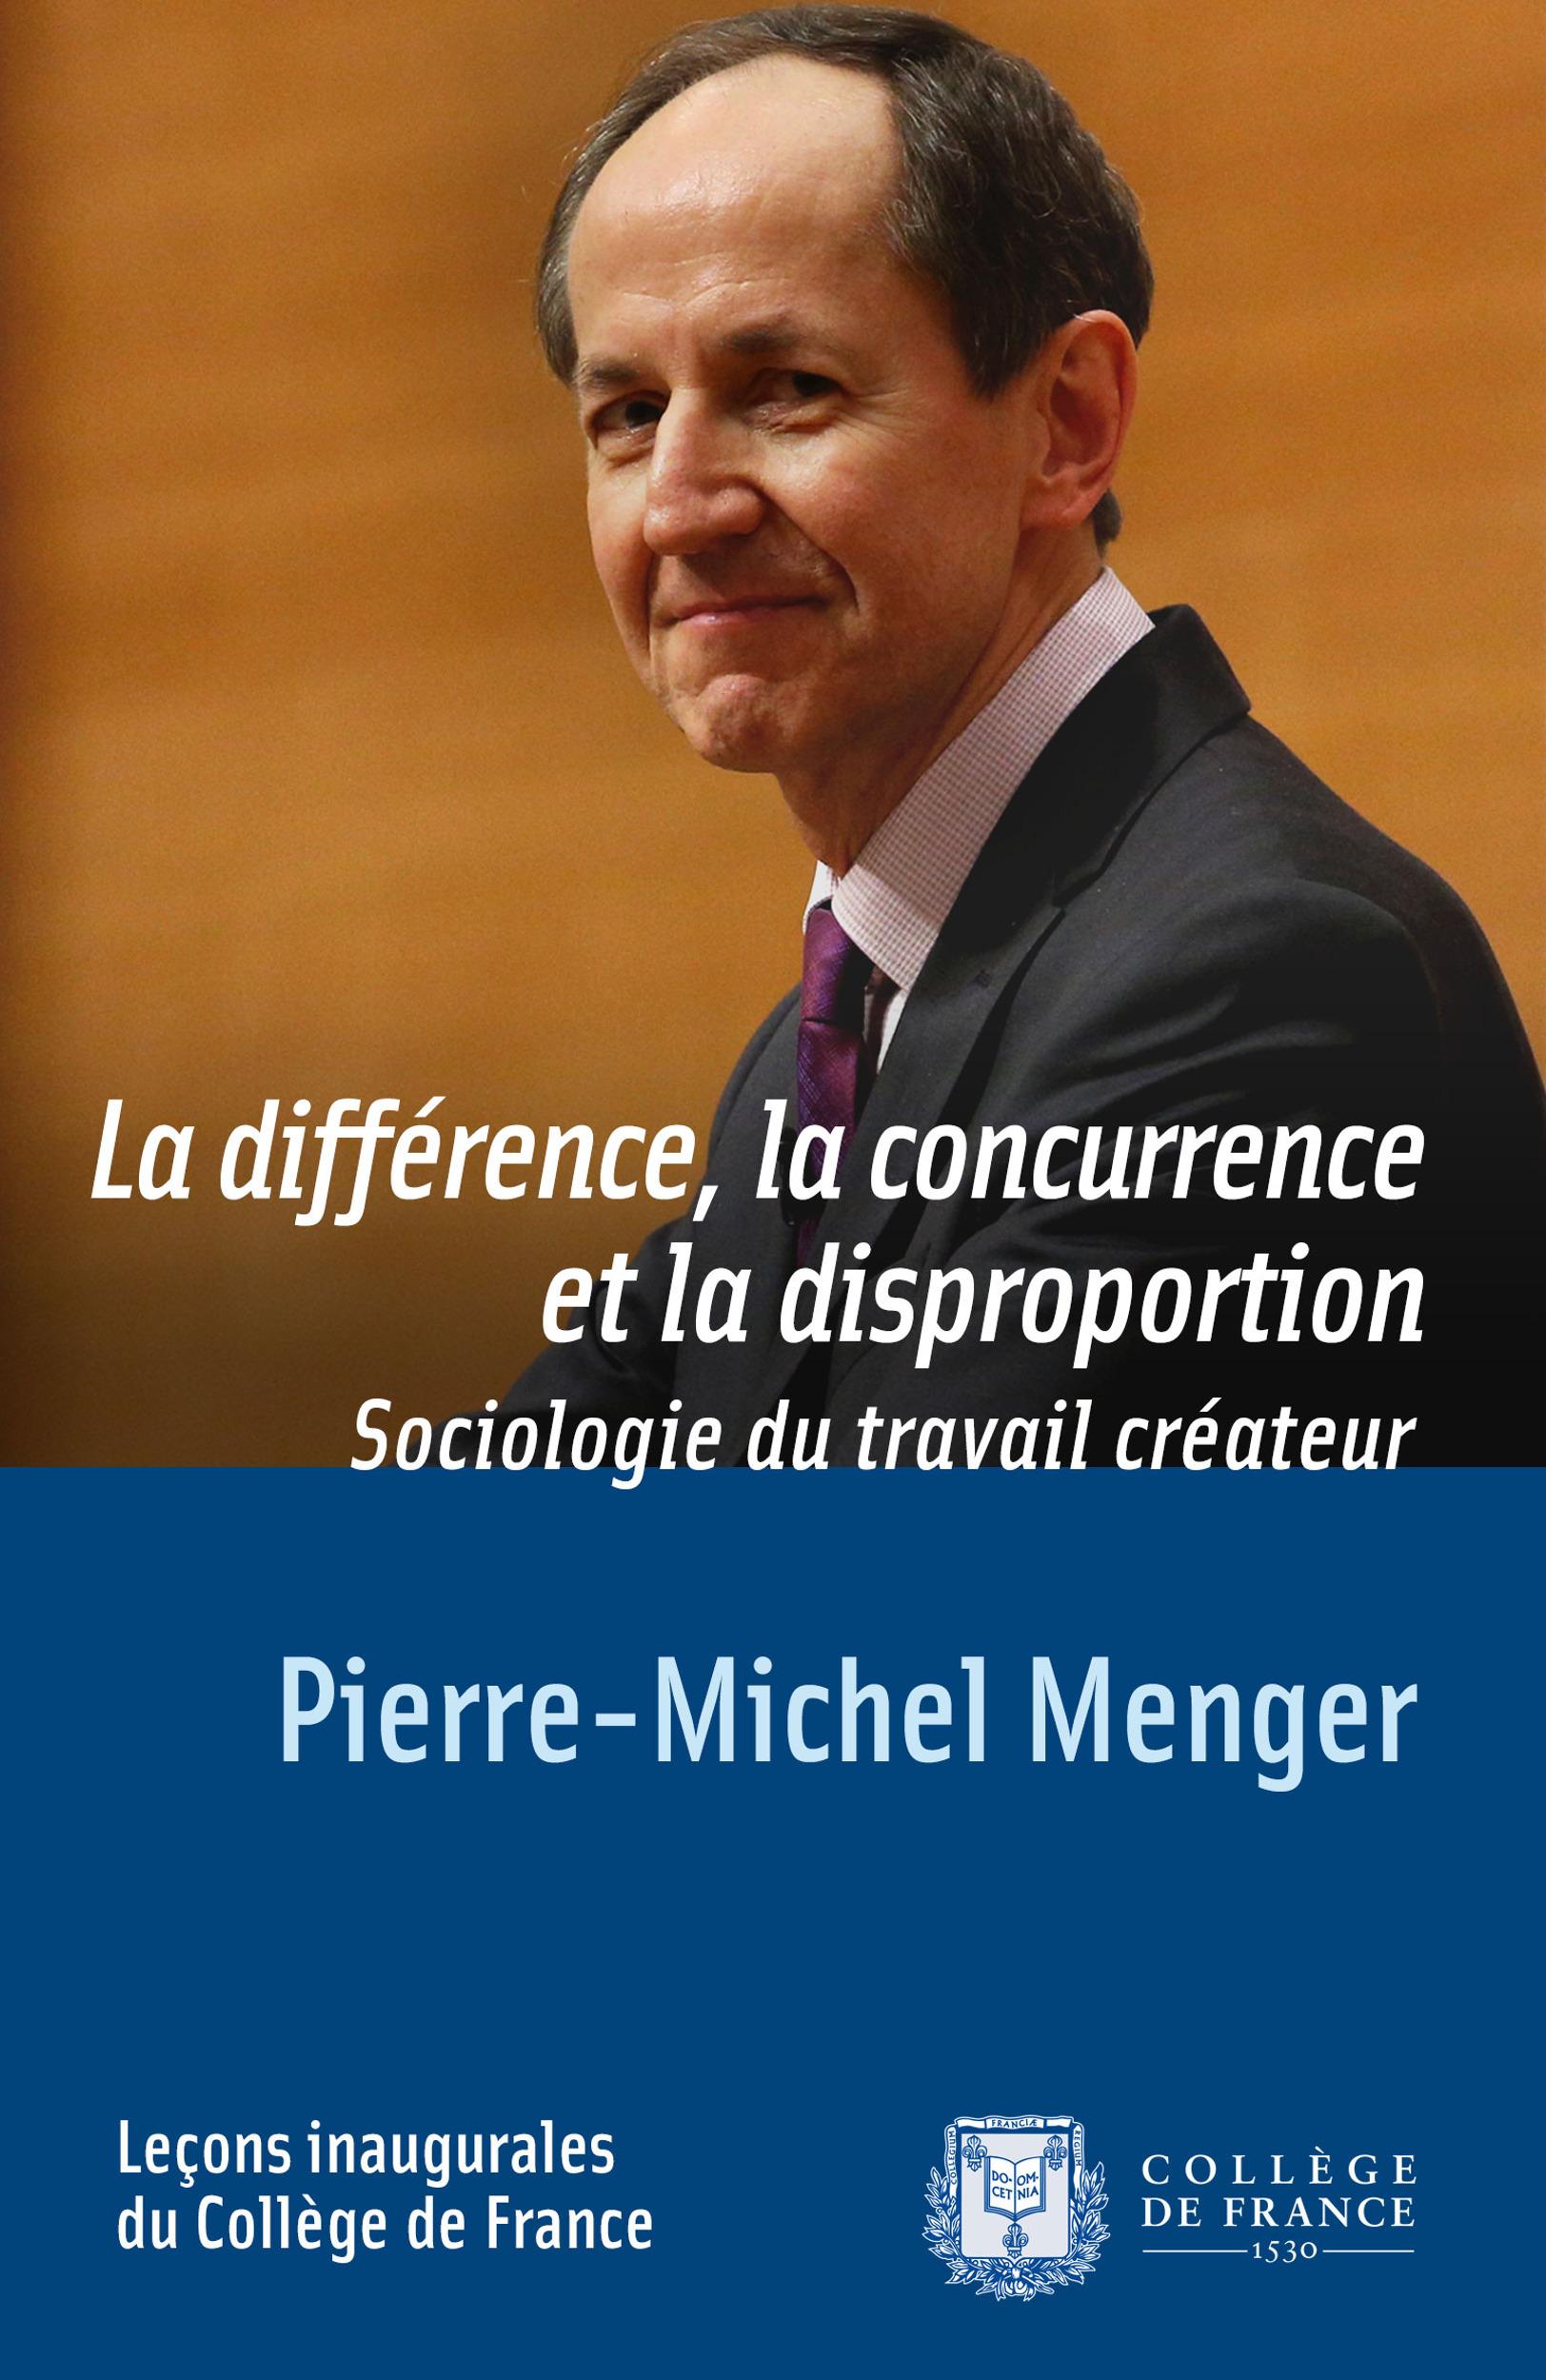 La différence, la concurrence et la disproportion ; sociologie du travail créateur